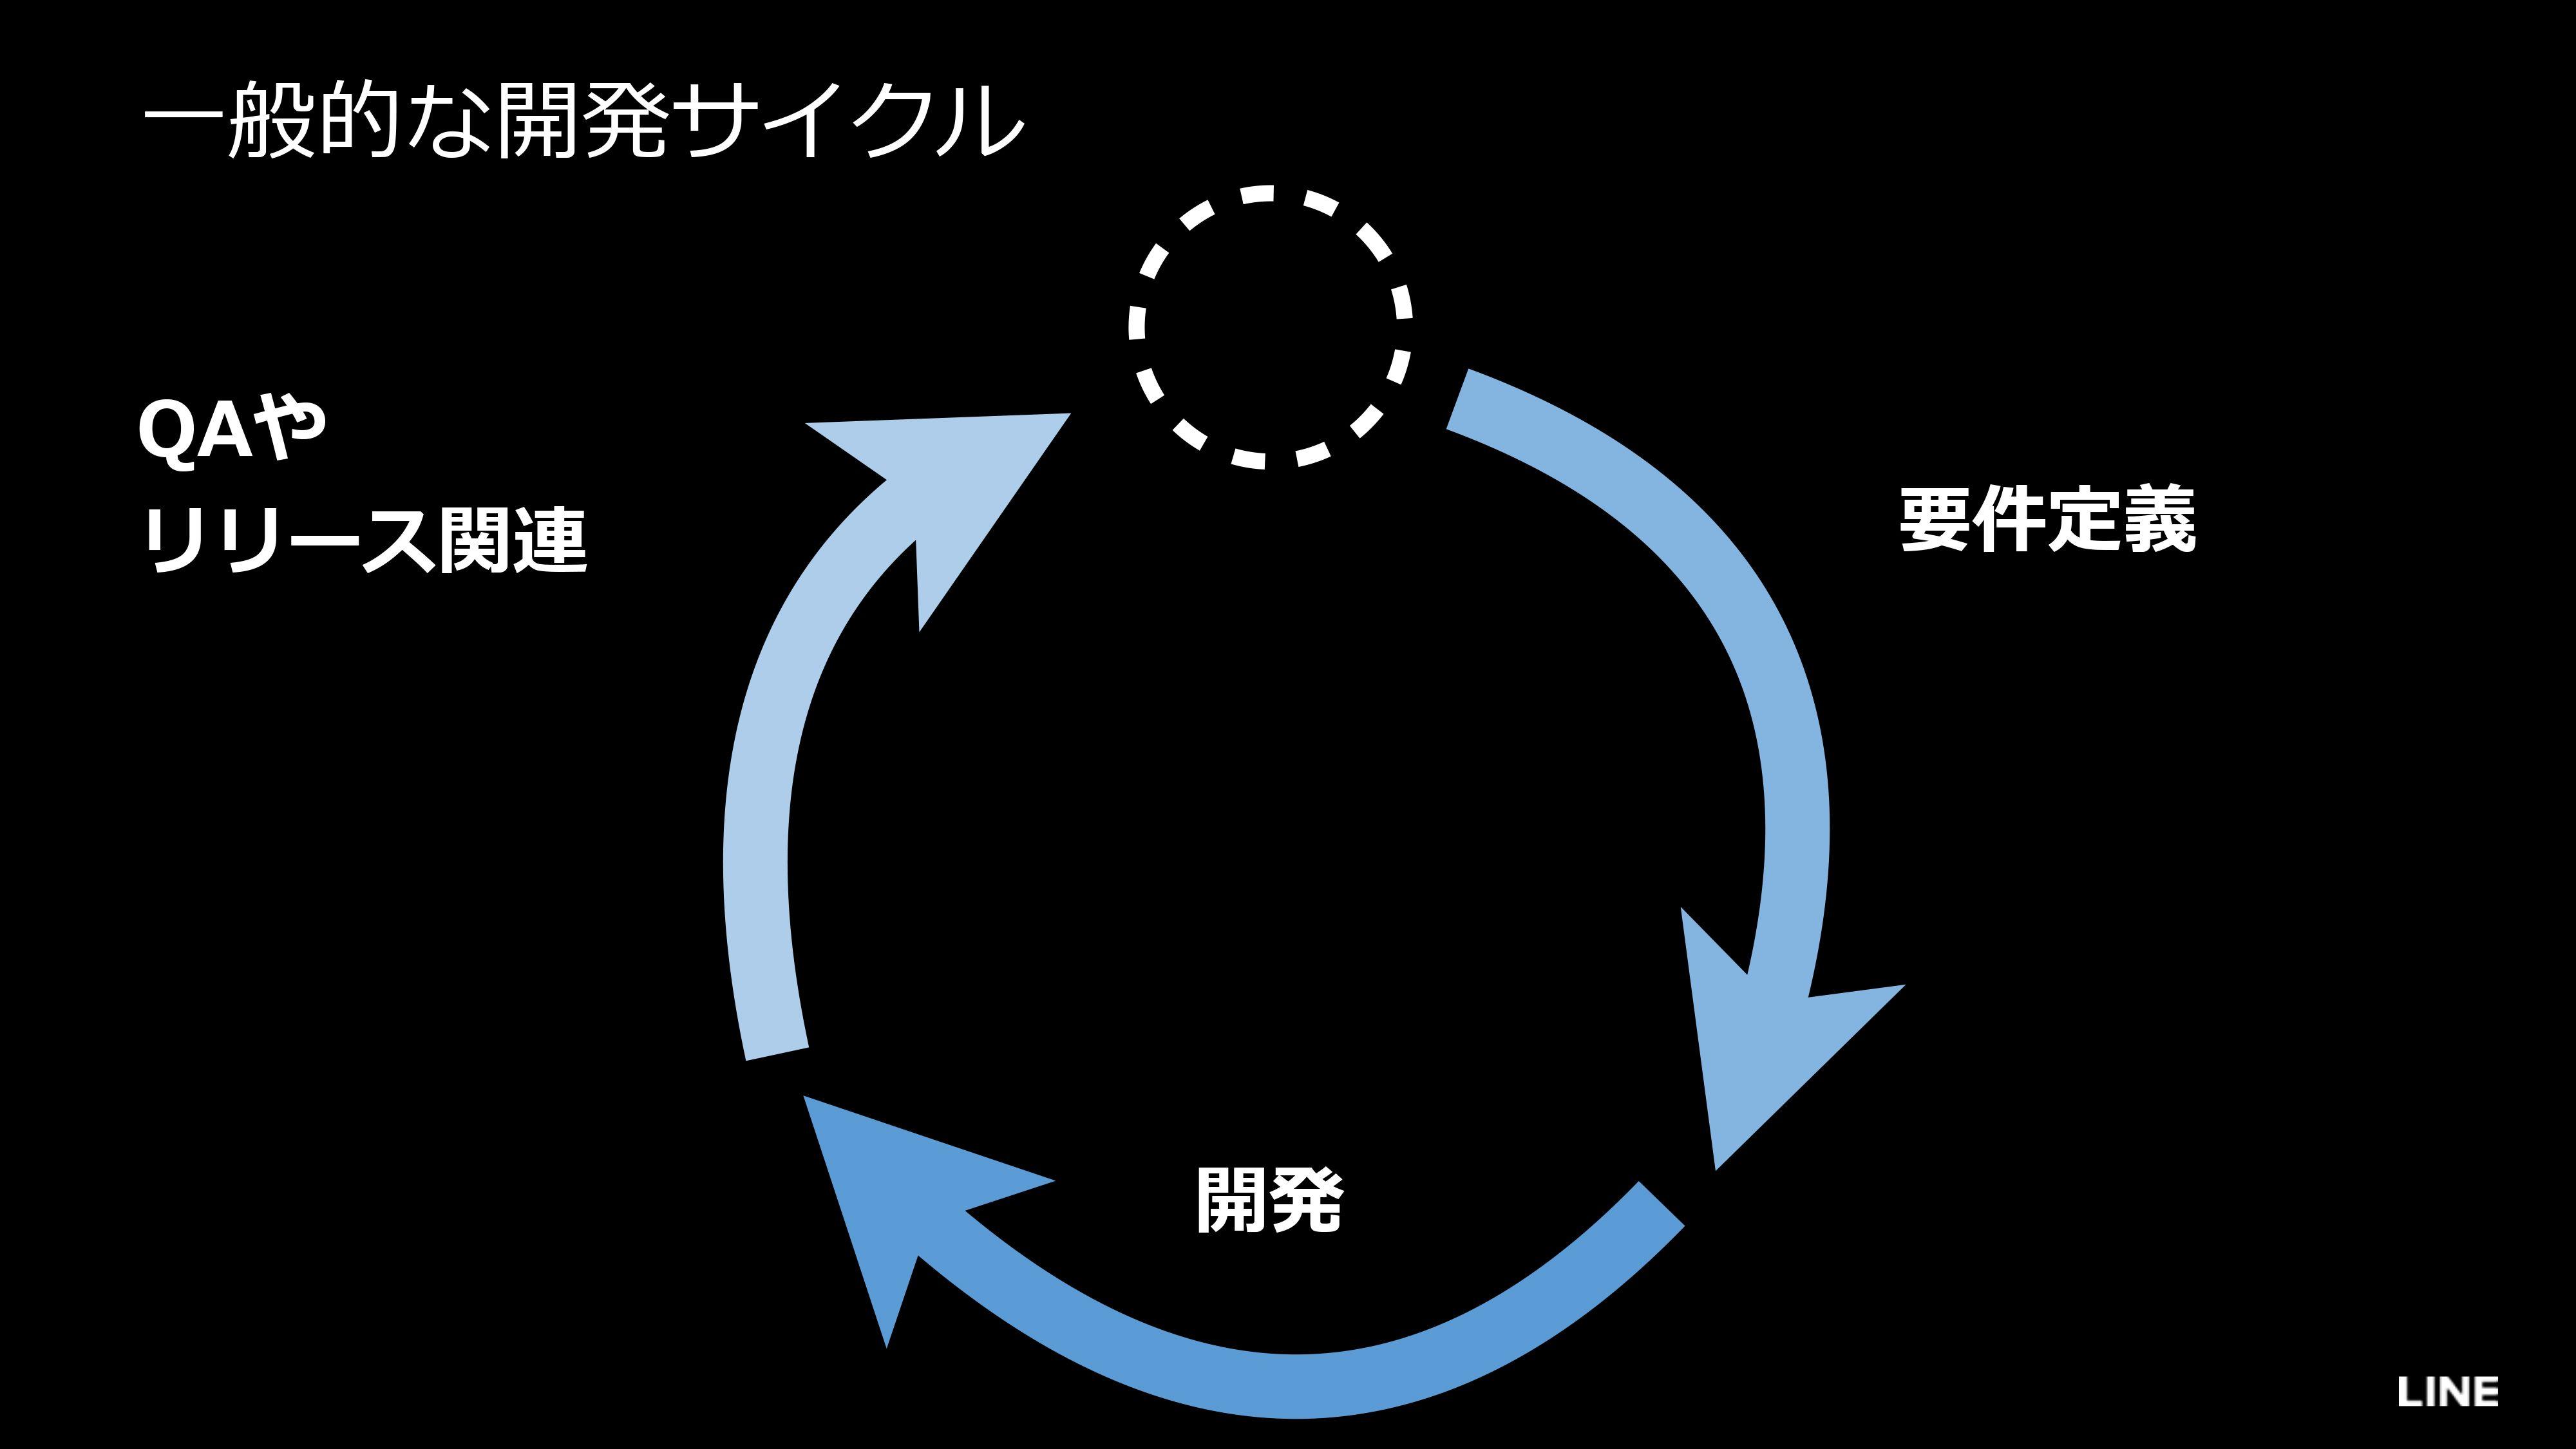 一般的なライフサイクル